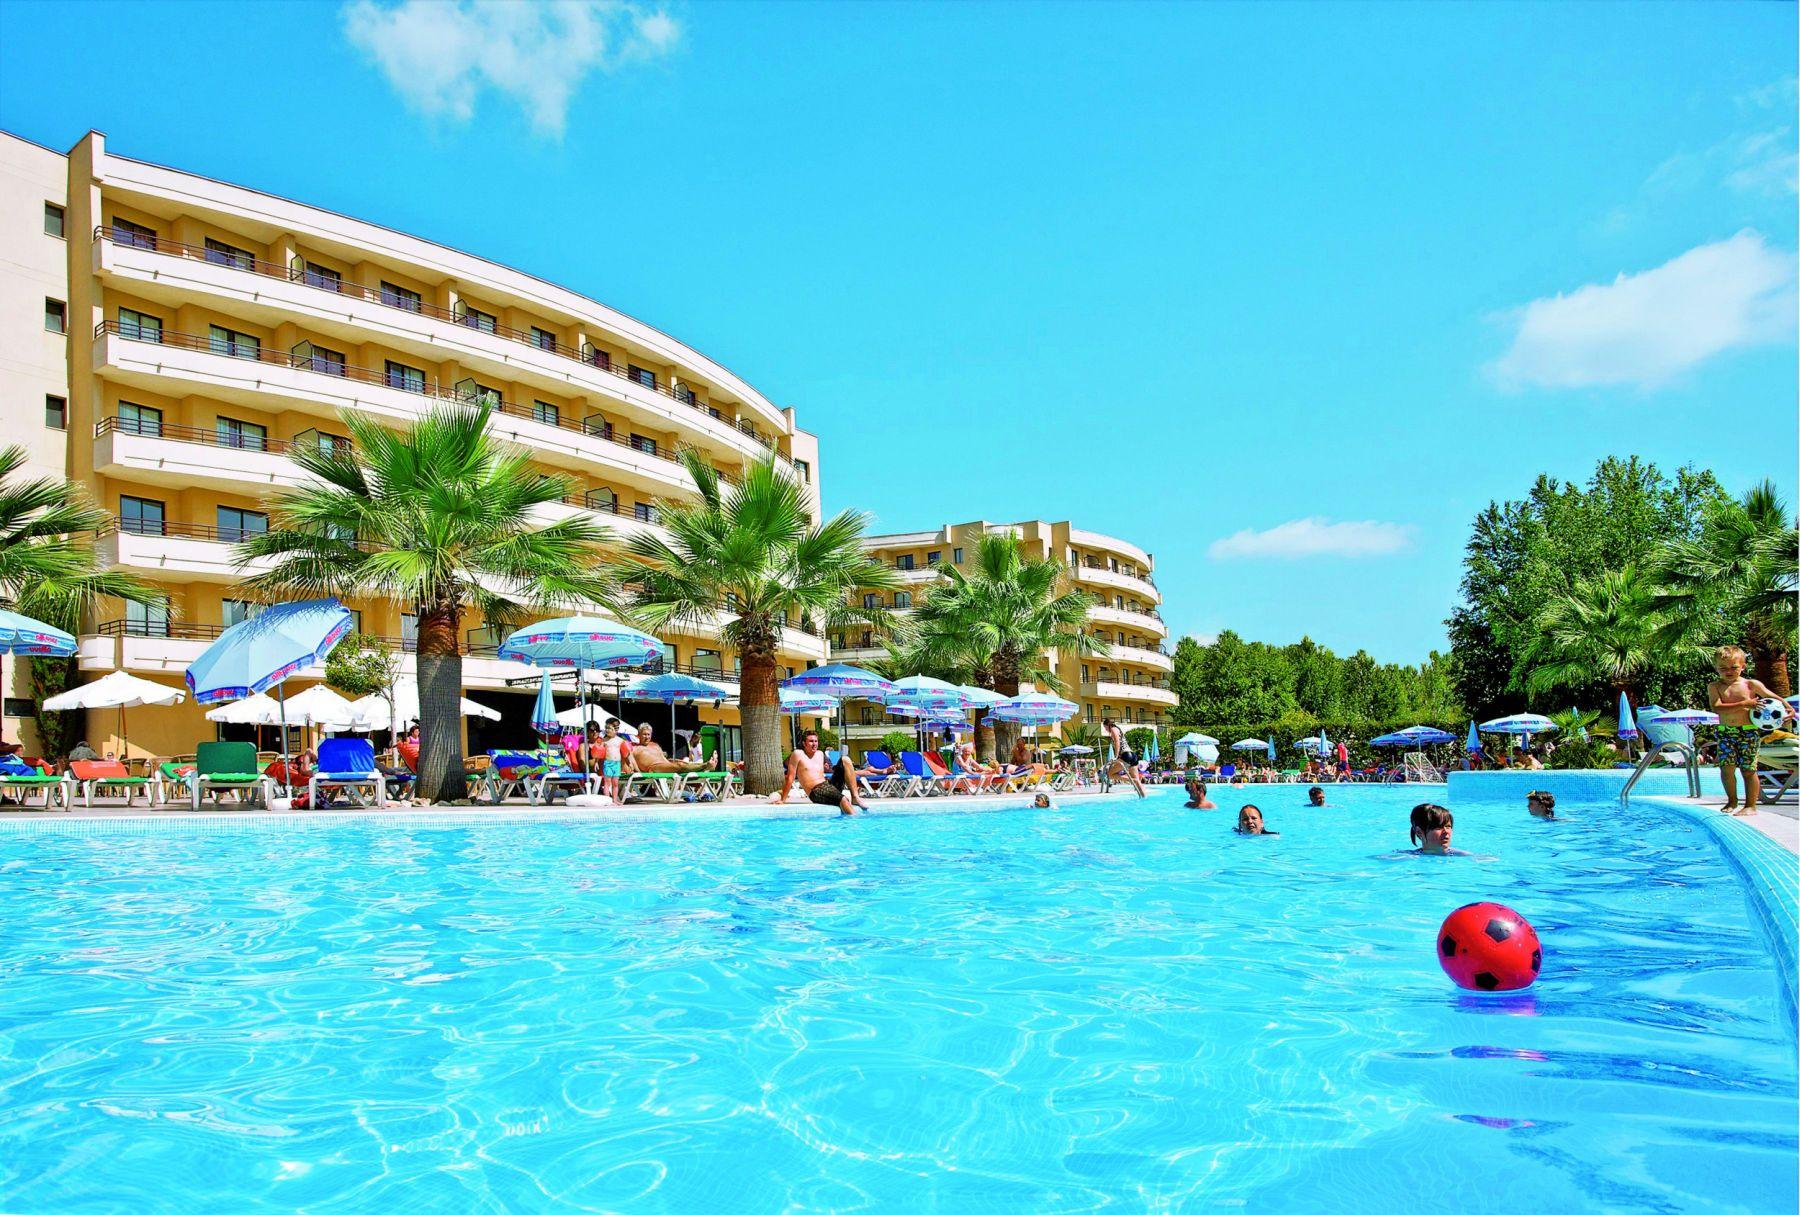 Verbraucherportal Vergibt Begehrtes Qualitatssiegel An Allsun Hotel Orient Beach